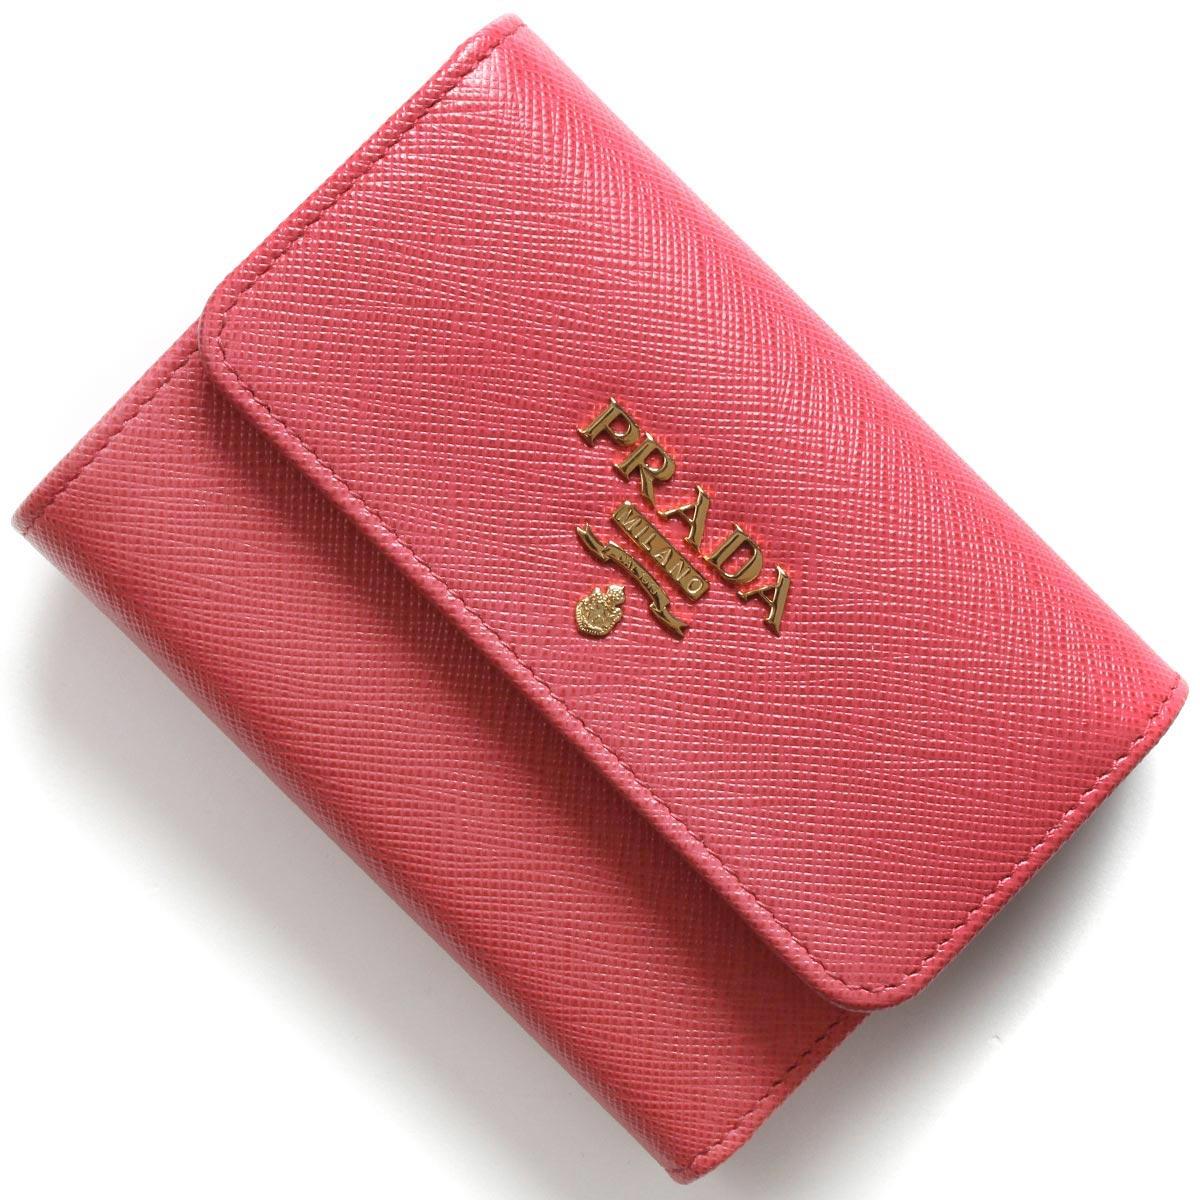 プラダ 三つ折り財布 財布 レディース サフィアーノ メタル ペオニアピンク 1MH025 QWA F0505 PRADA